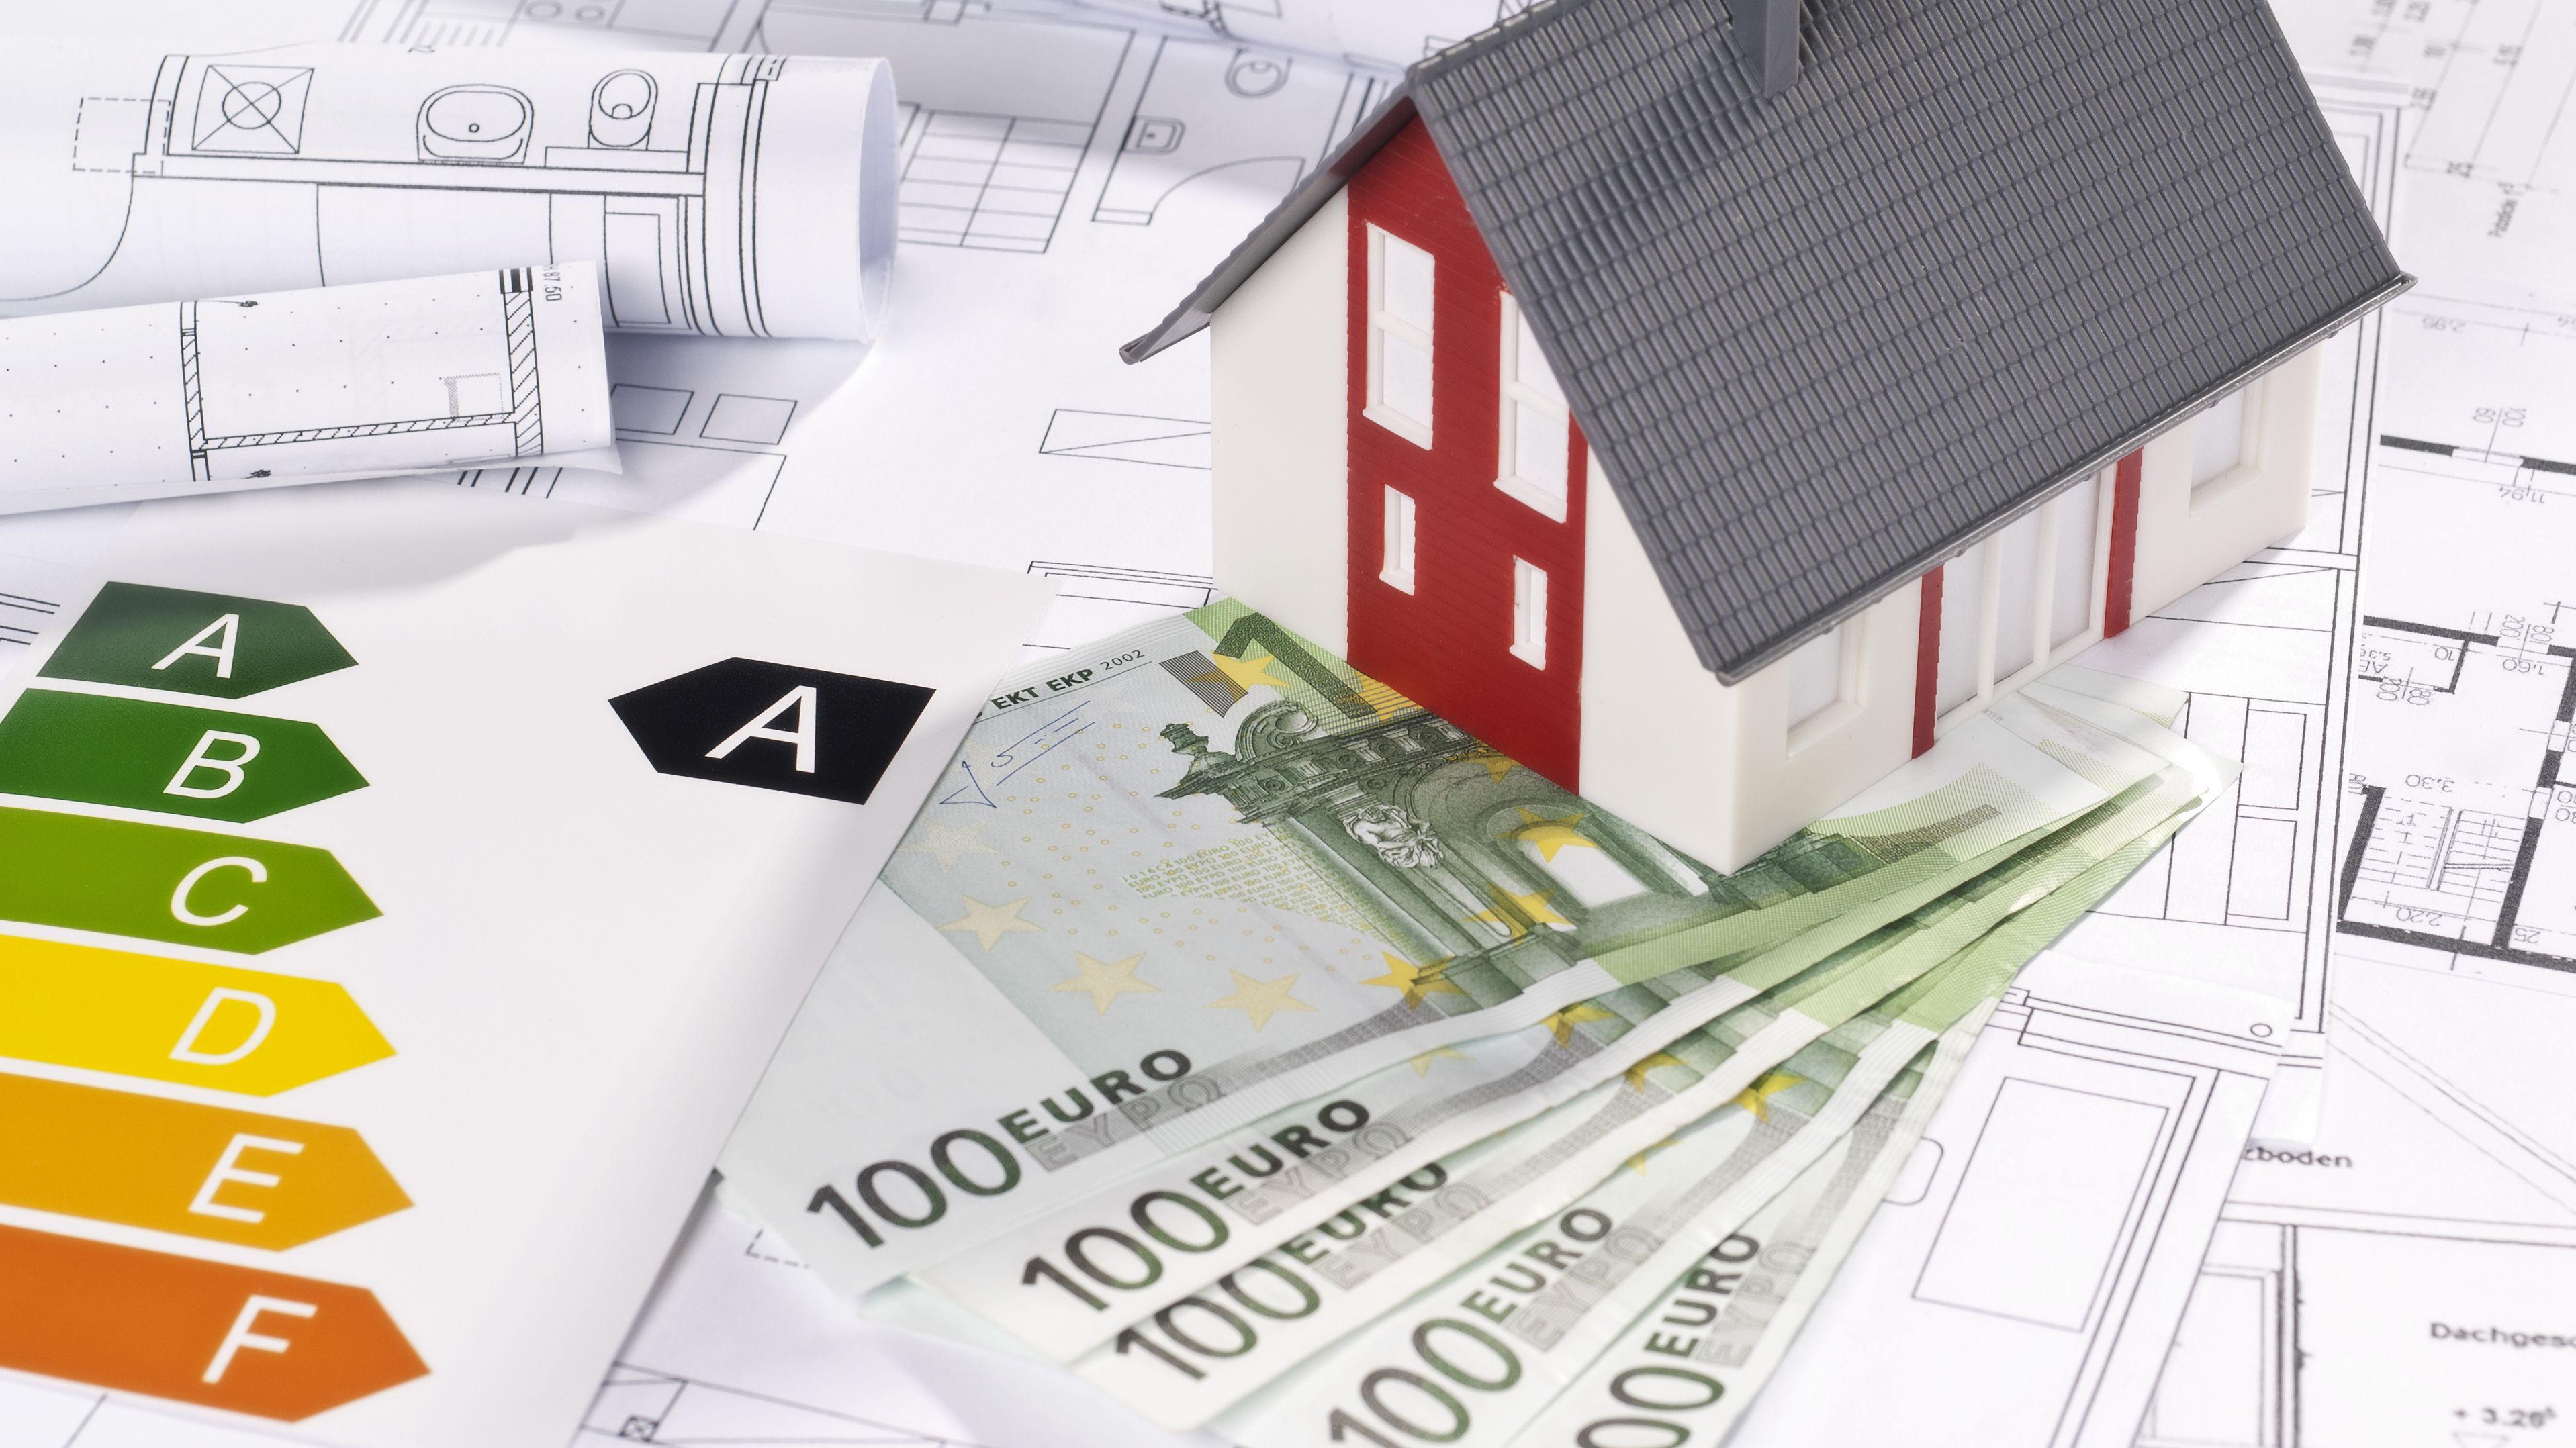 Weniger prominent als die CO2-Steuer sind Steuervorteile für Gebäudesanierungen